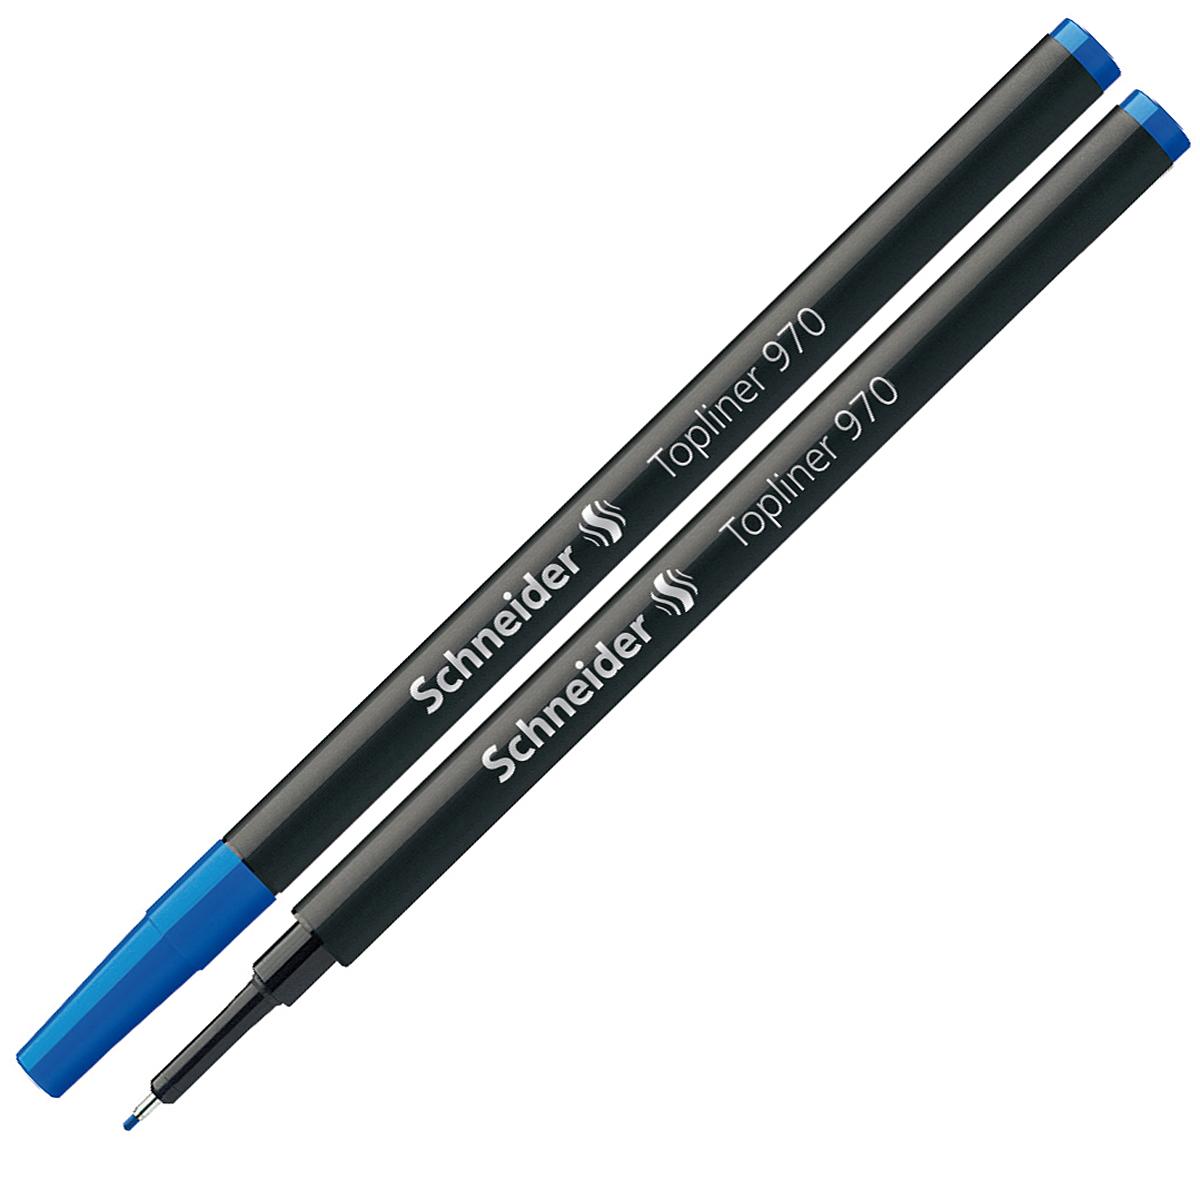 Стержень Schneider, капиллярный, цвет: синий. S970S970/3 S970-01/3Капиллярный стержень евро-формата Schneider предназначен для линеров. Металлический трубчатый наконечник для особо четкого и тонкого письма, рисования и черчения. Ширина штриха - 0,4 мм. Комплектуется защитным колпачком.Подходит для Topball 811, а также для Xtra Change.В комплекте один стержень.